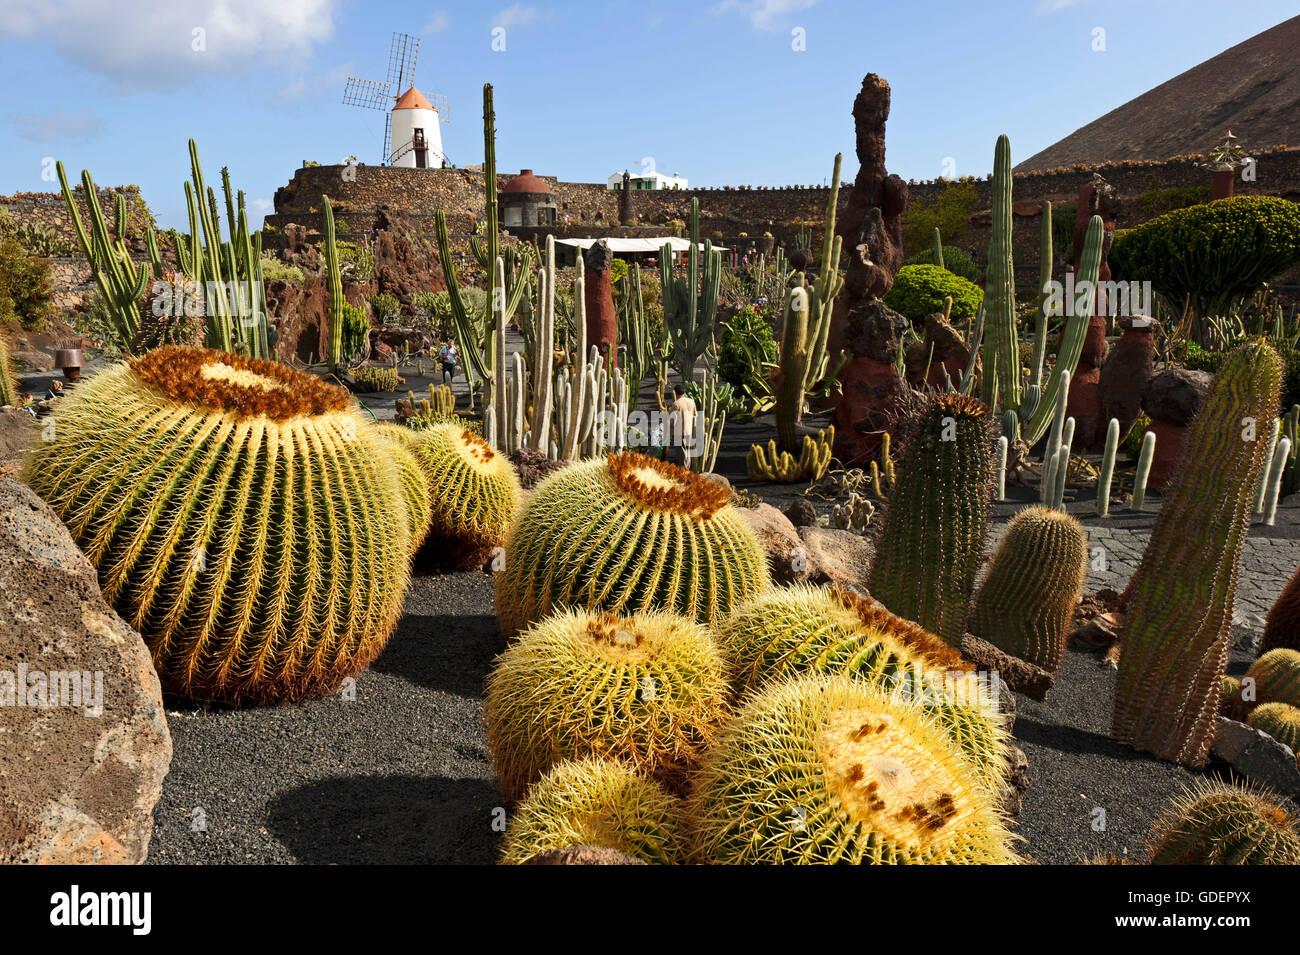 Jardin De Cactus Cactus Garden Guatiza Lanzarote Canary Islands